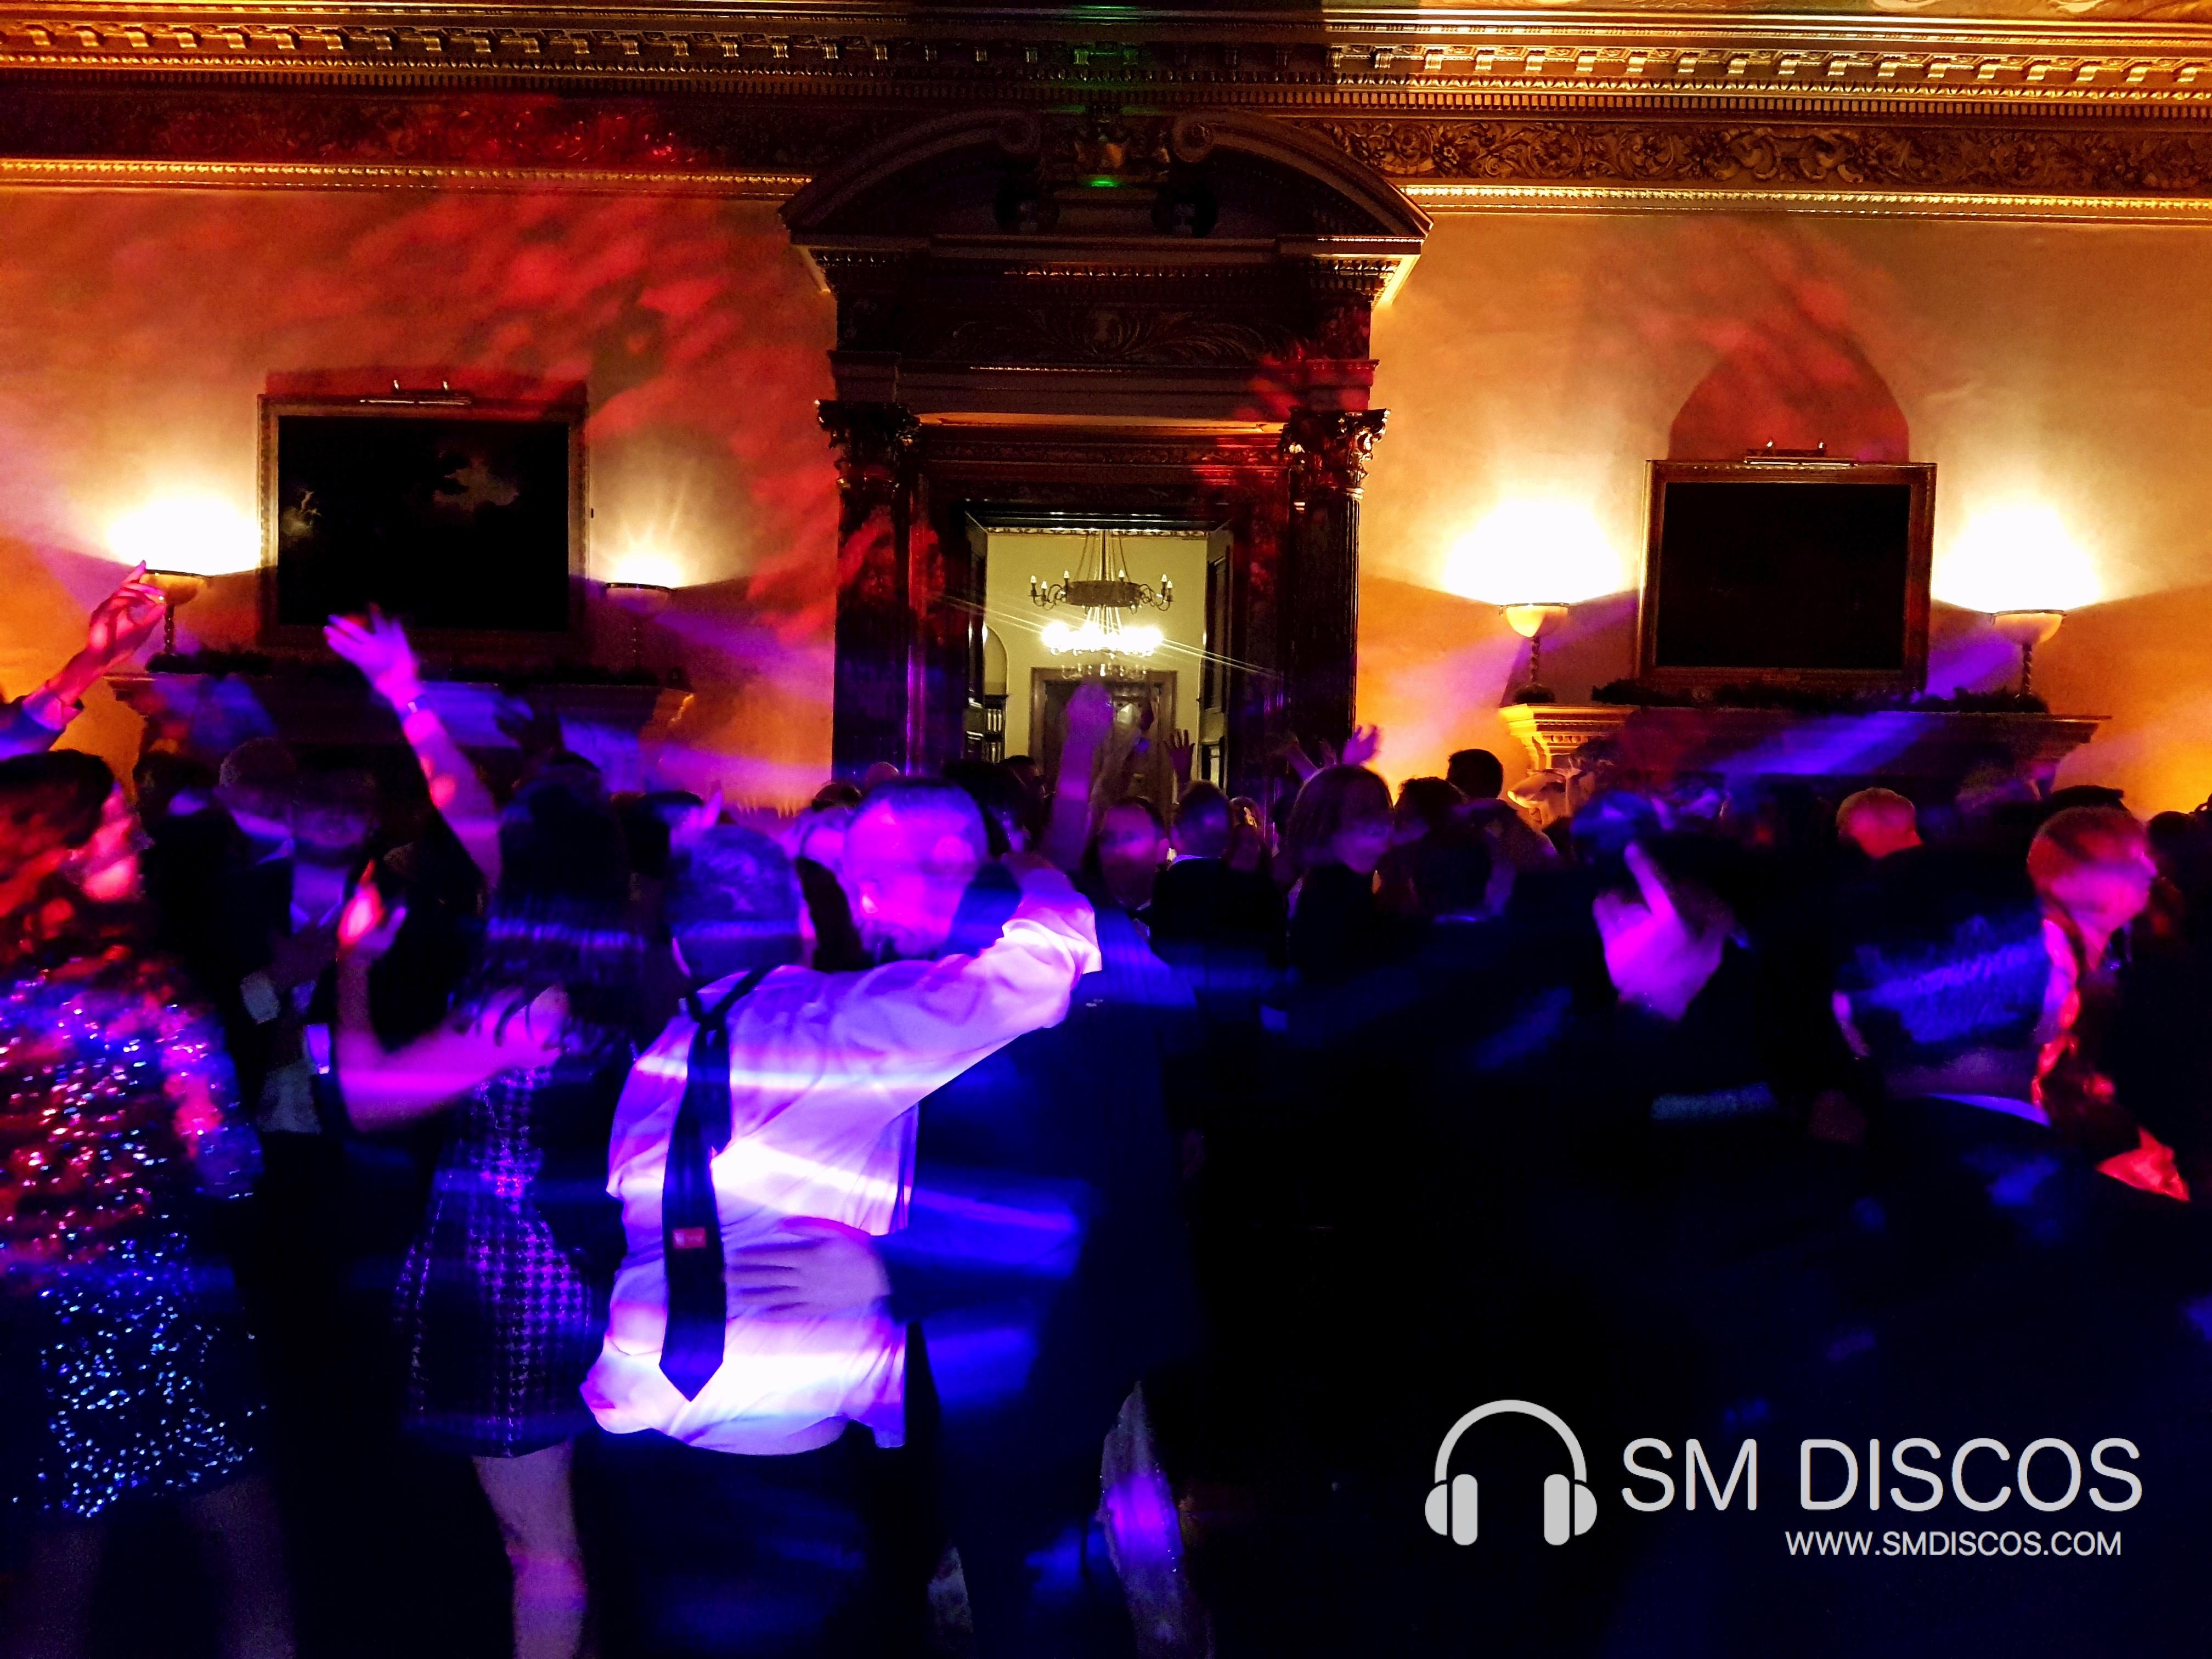 SM Discos Ashridge House